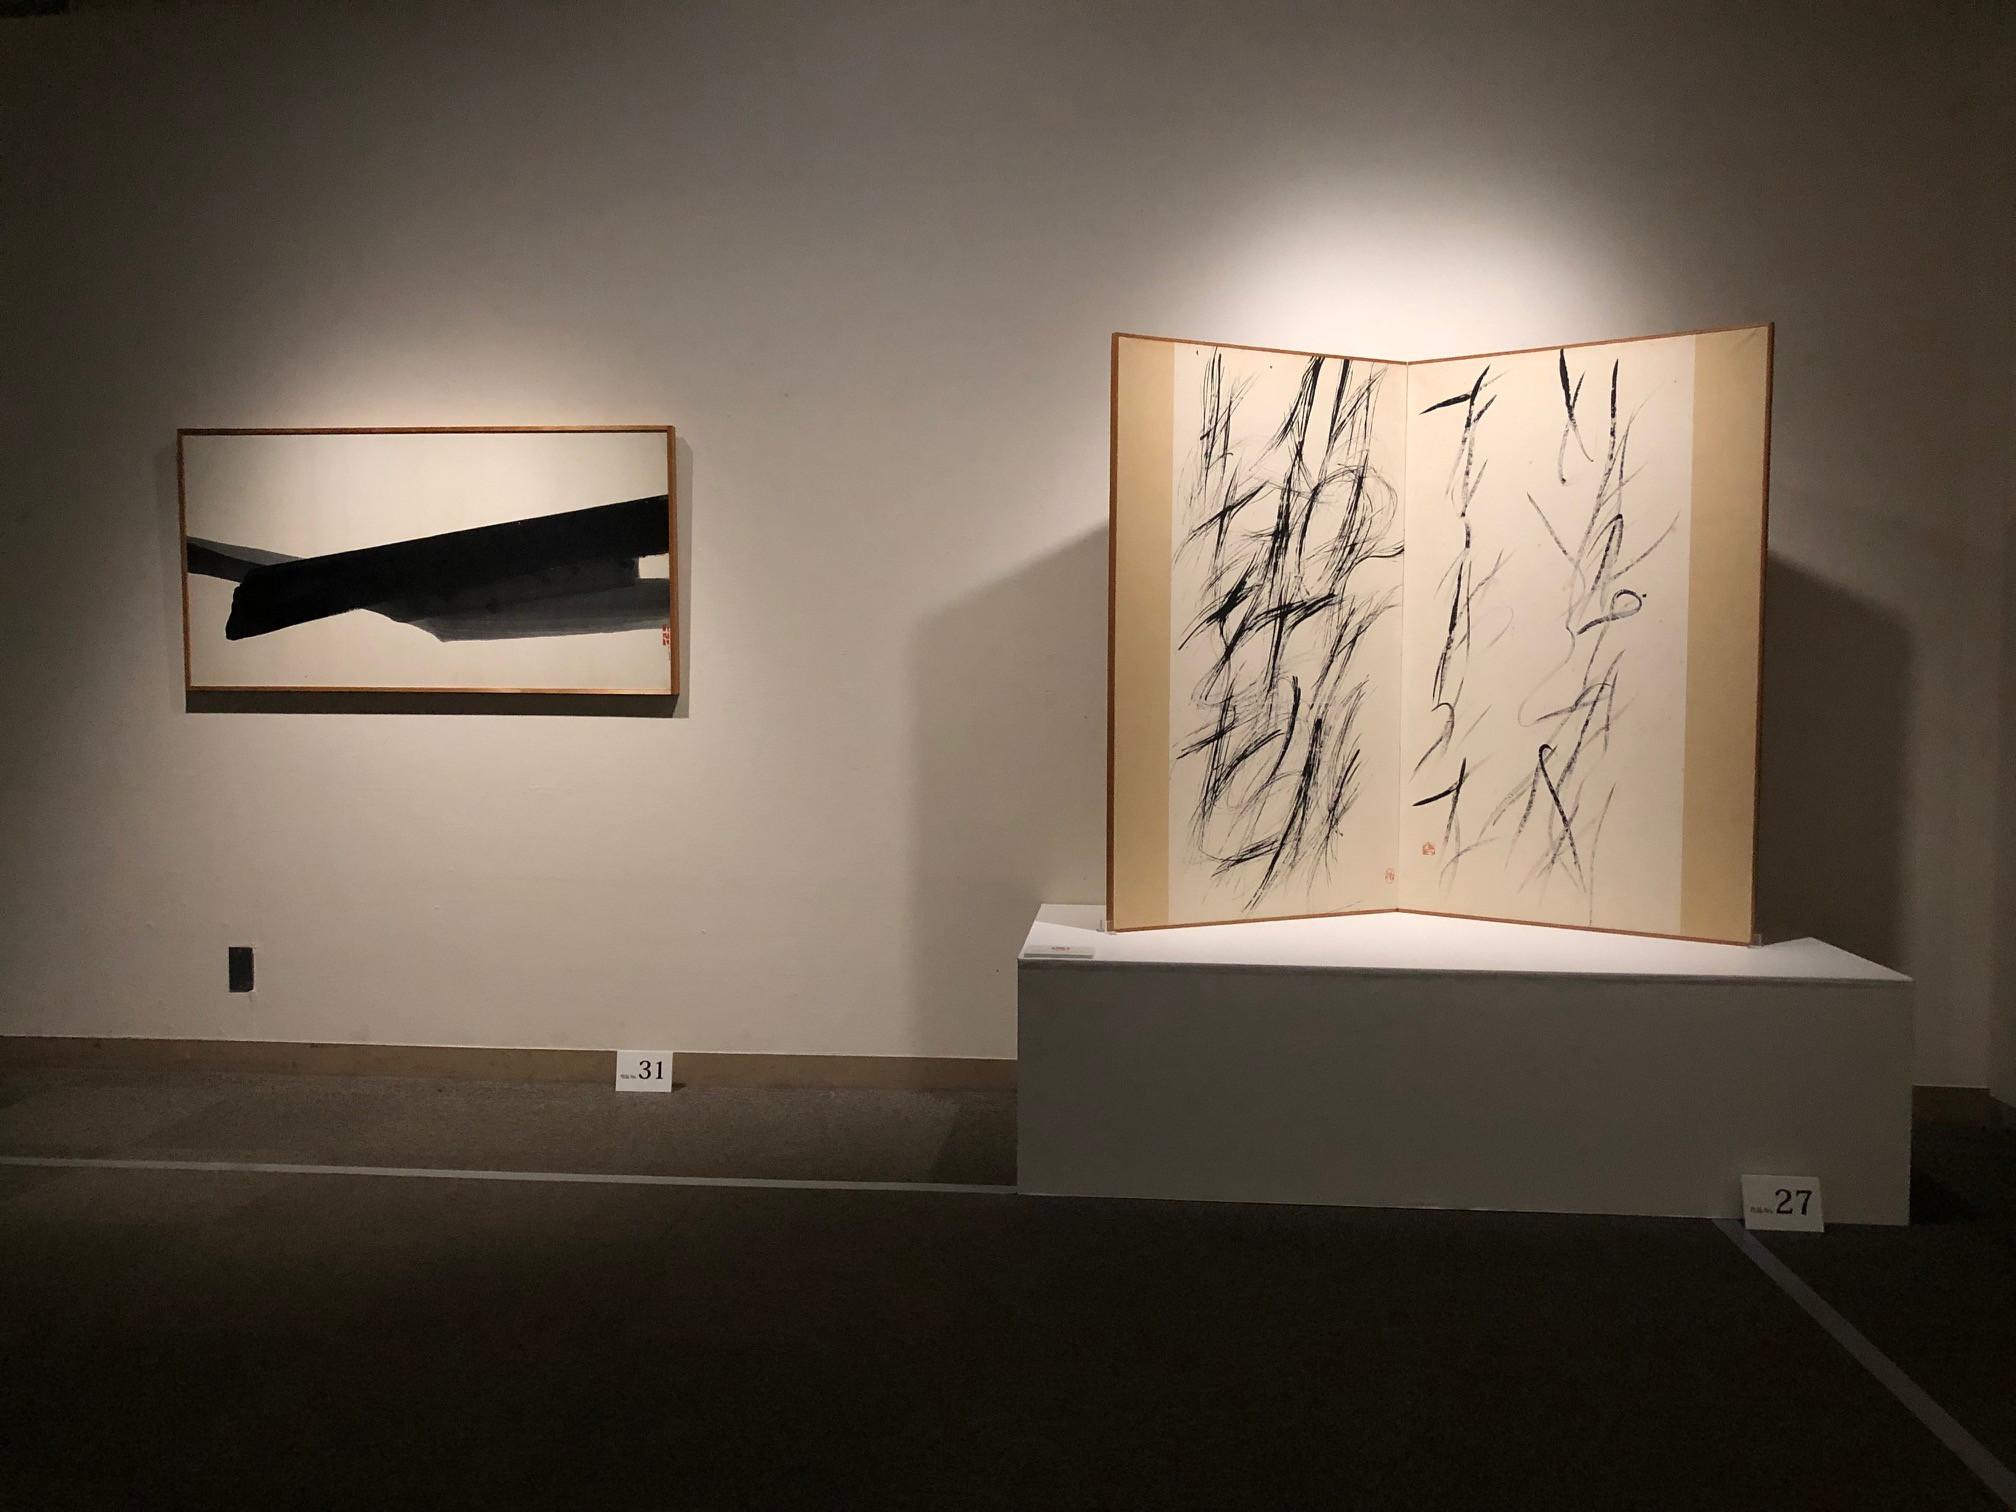 そごう美術館「篠田桃紅展」会場 第1章「文字を超えて(渡米以前) -1955」